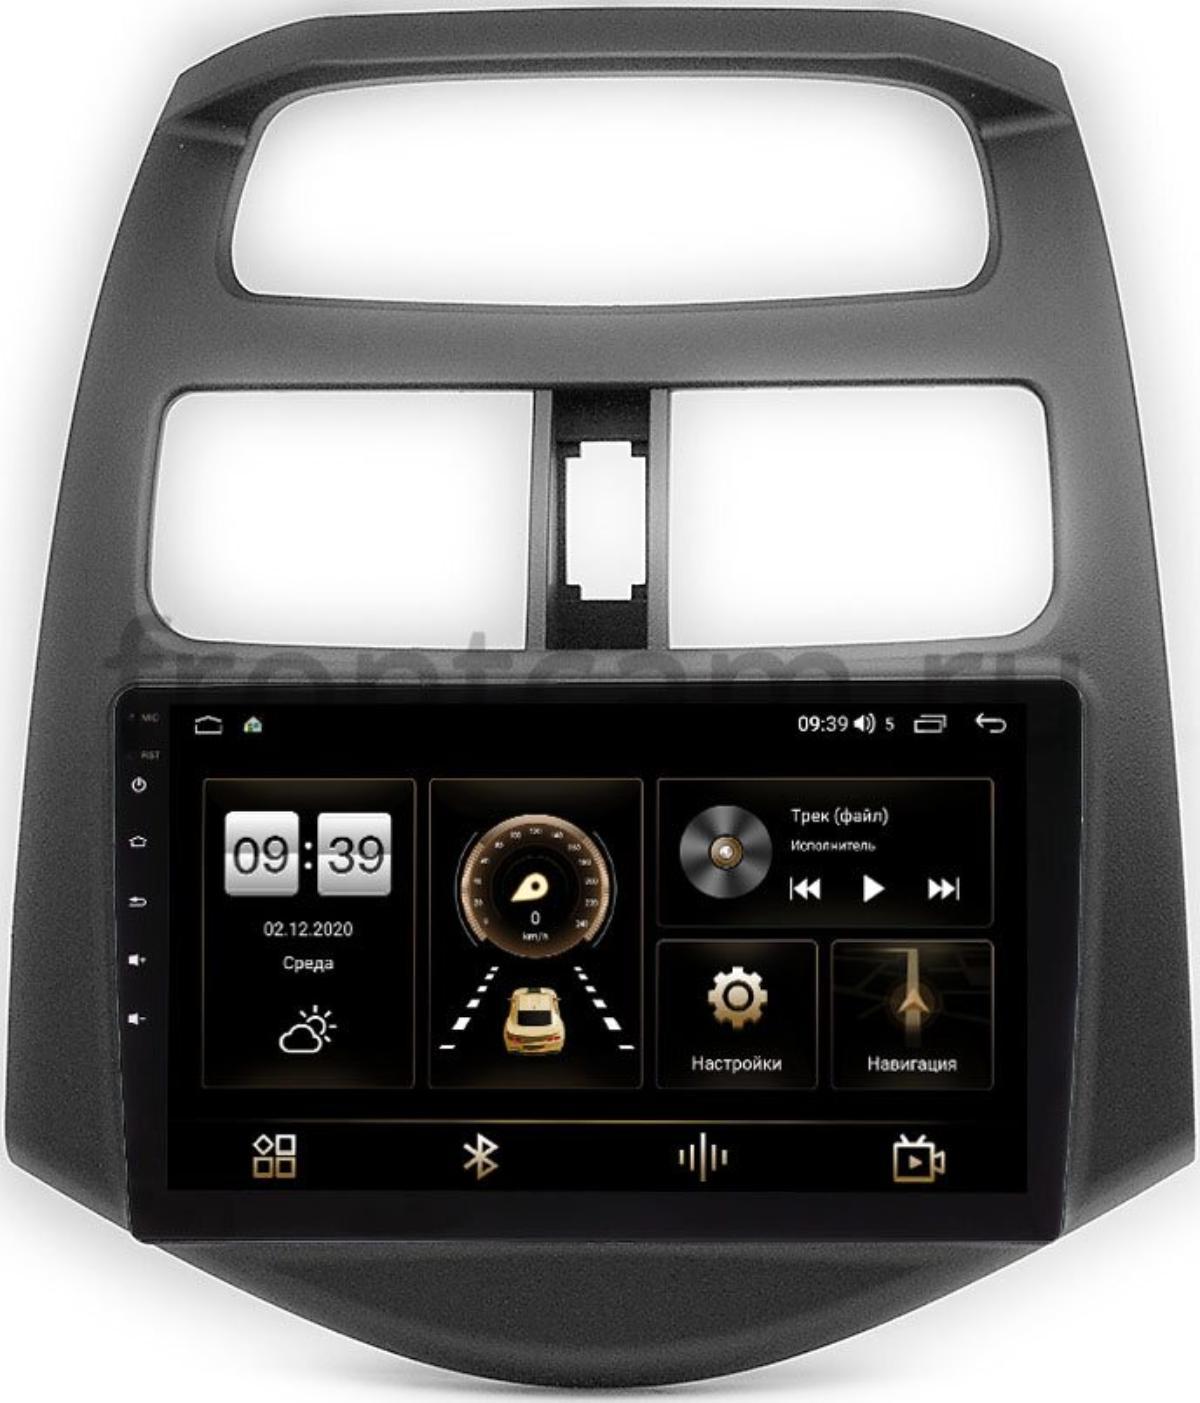 Штатная магнитола Daewoo Matiz Creative (M300) 2009-2011 (глянцевая) LeTrun 4196-9164 на Android 10 (6/128, DSP, QLed) С оптическим выходом (+ Камера заднего вида в подарок!)